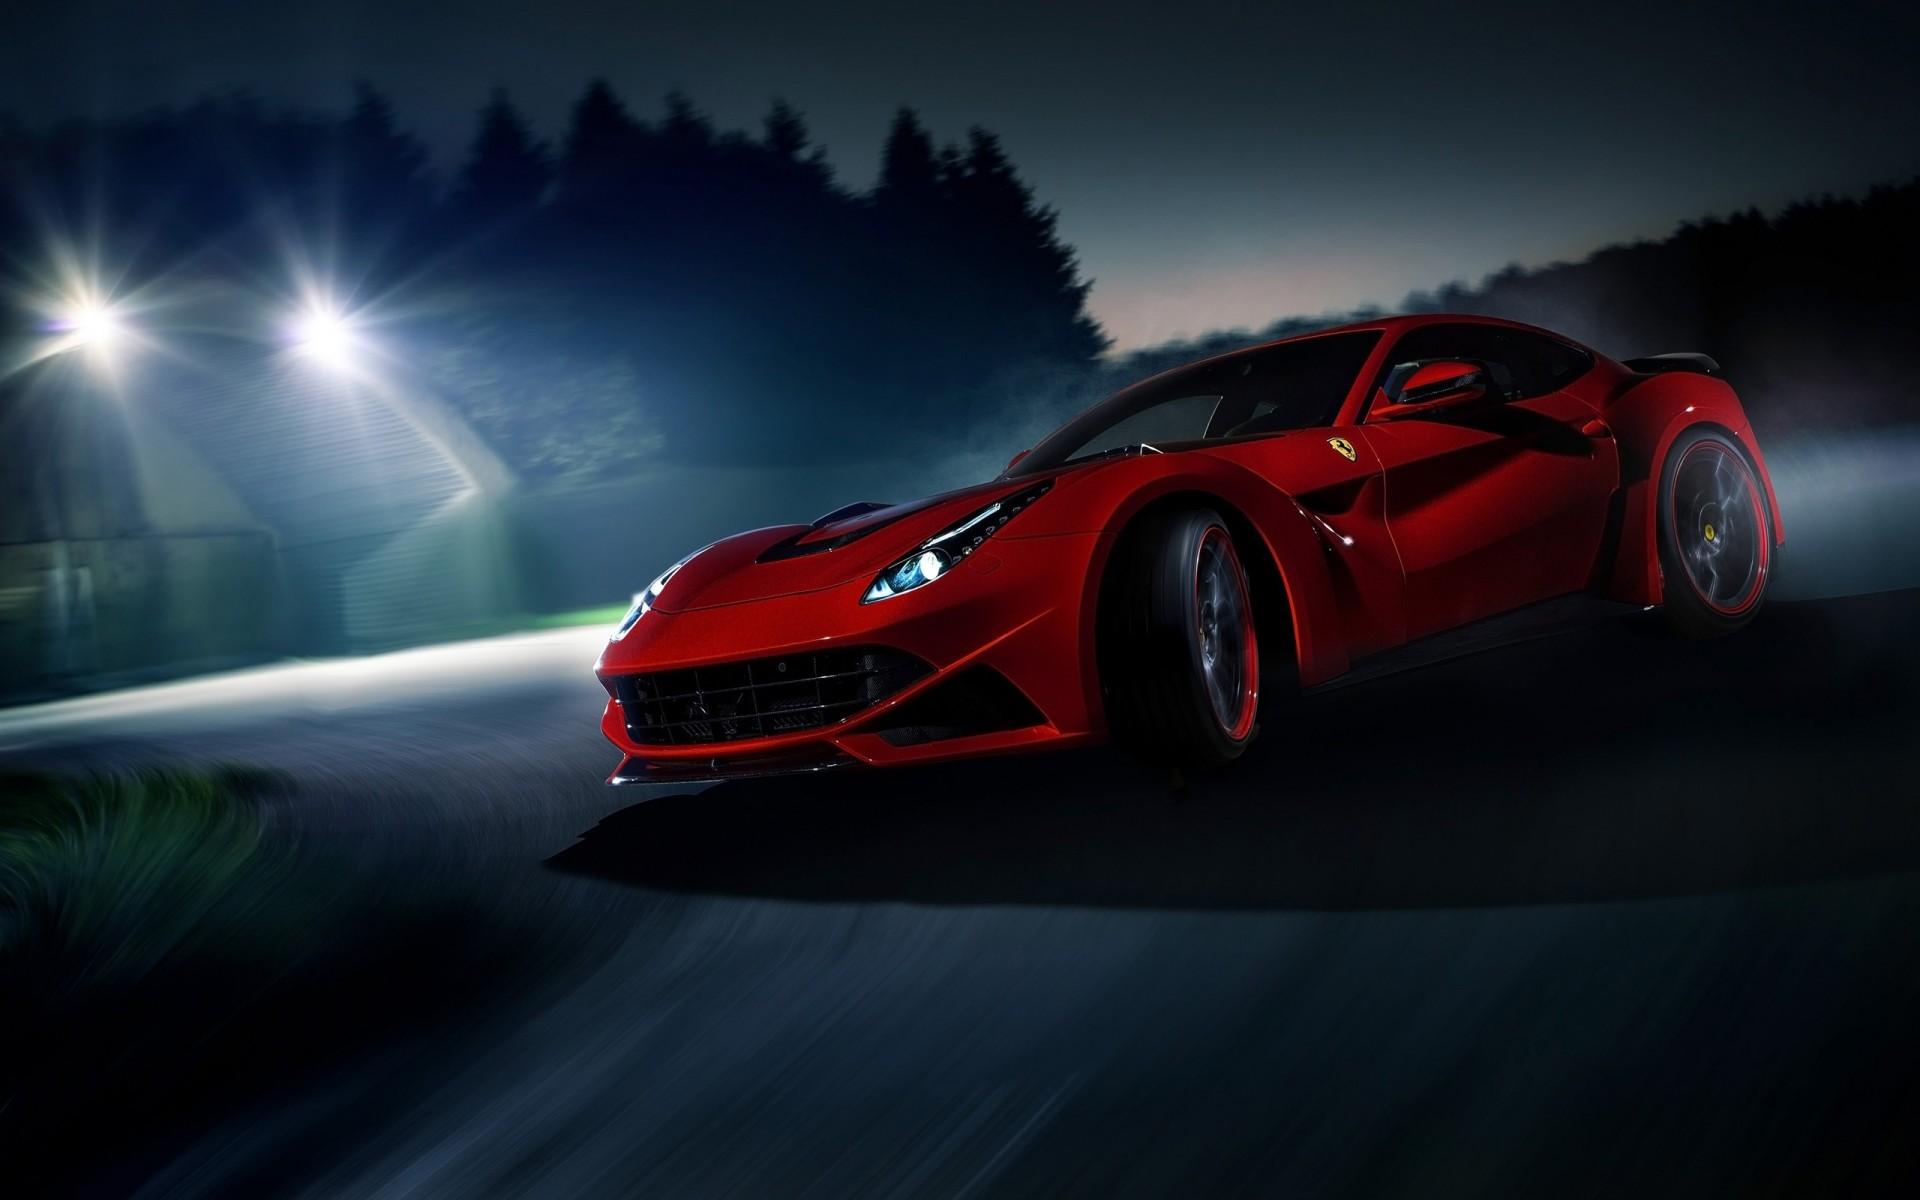 Ferrari F12 дорога забор загрузить